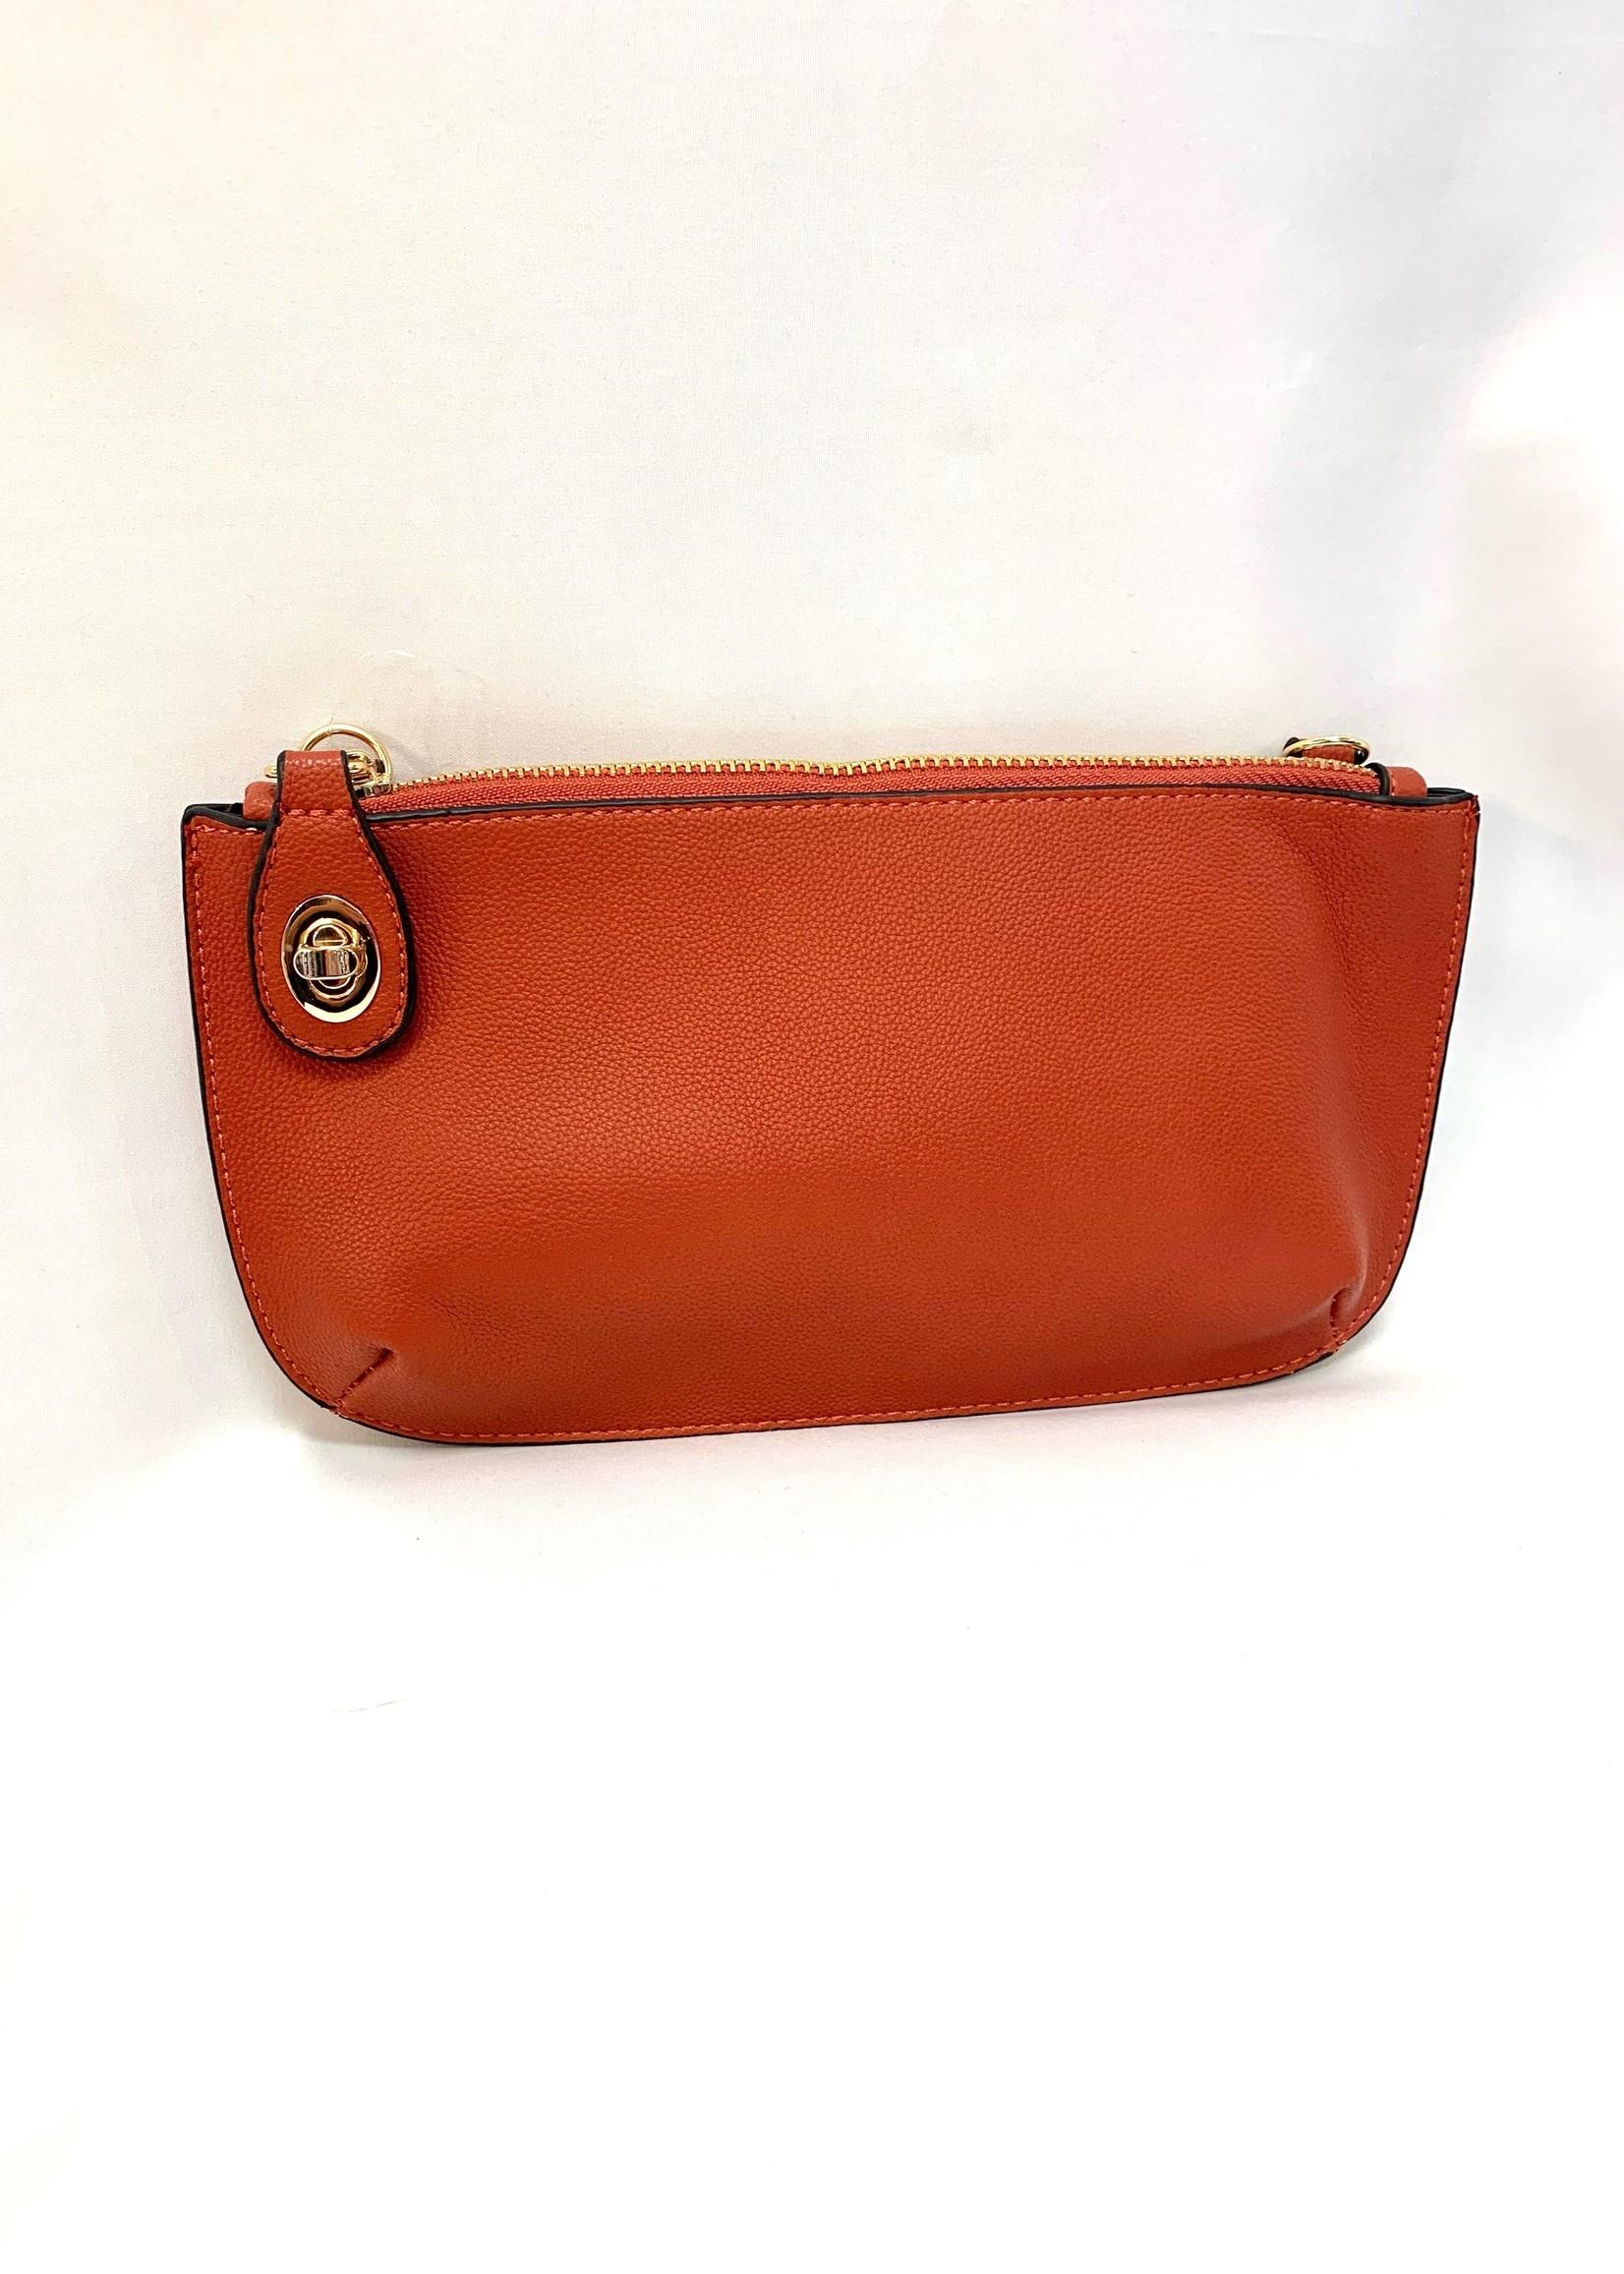 Blush clutch purse